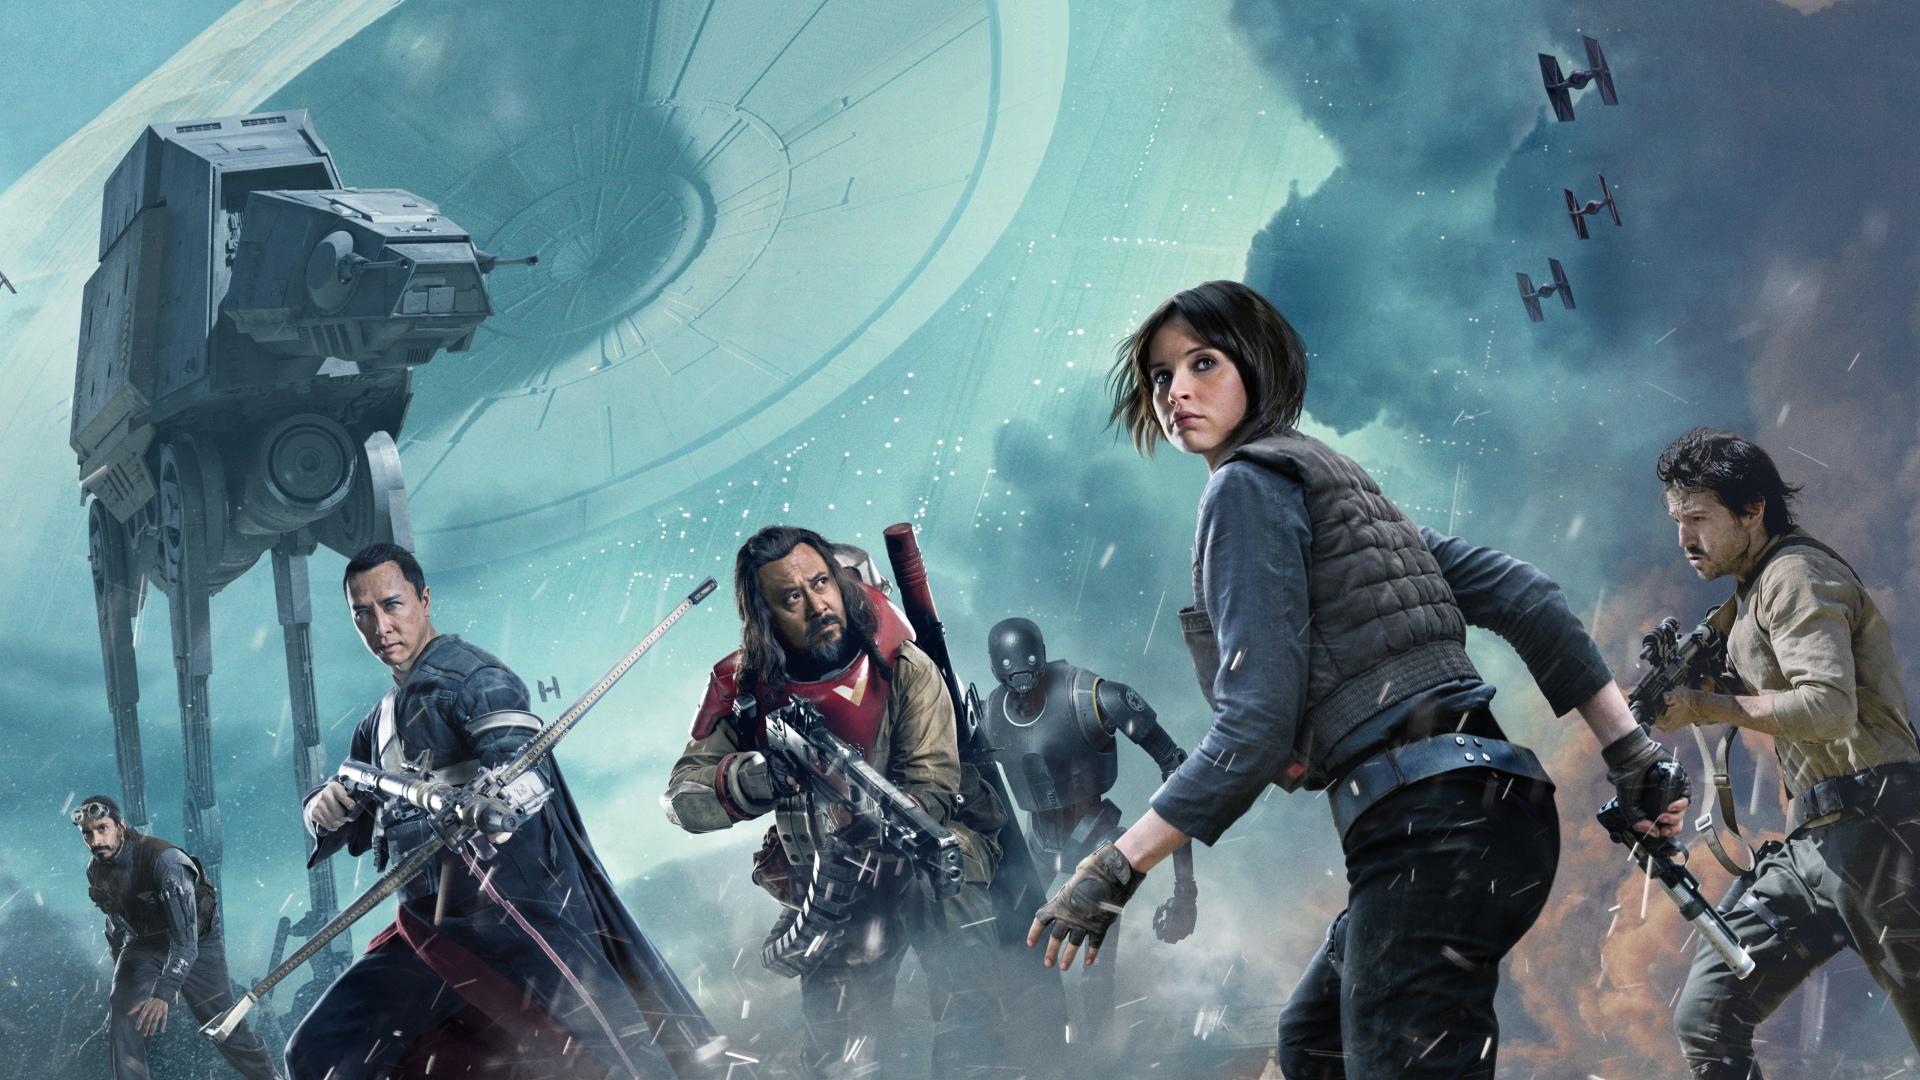 Fondos de Star Wars Rogue One, Una Historia de Star Wars ...